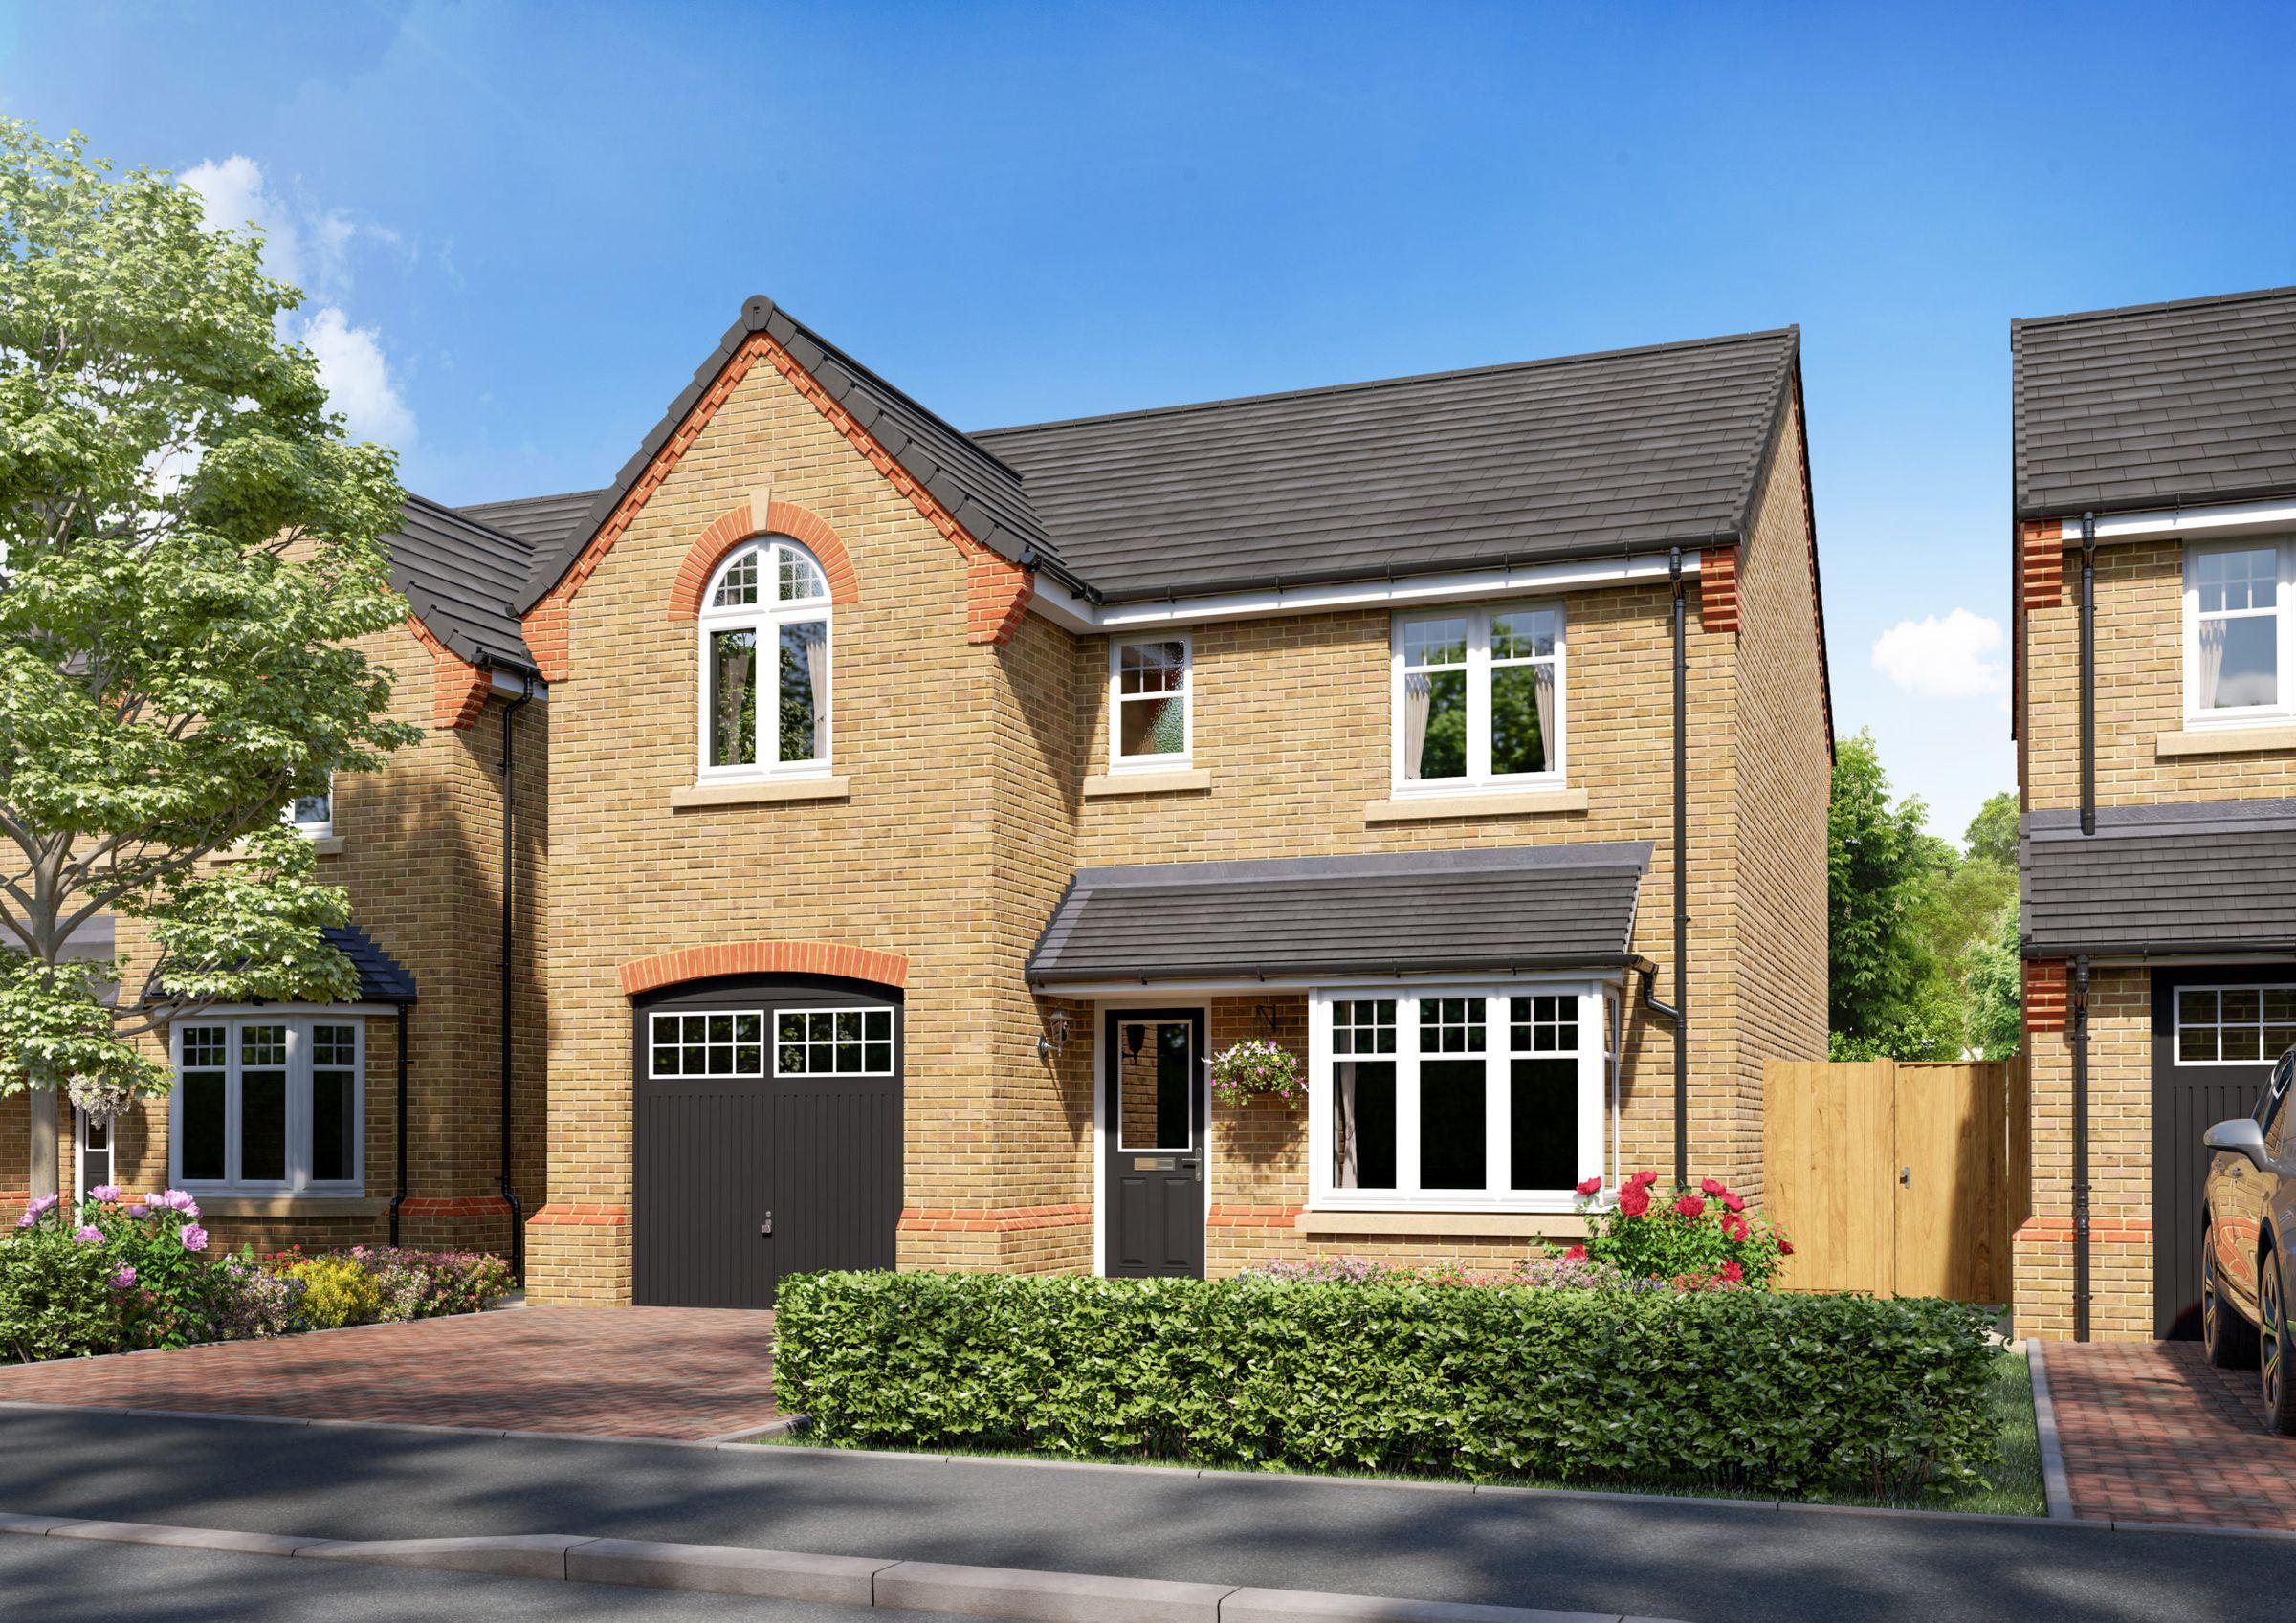 Property photo 1 of 15. Image